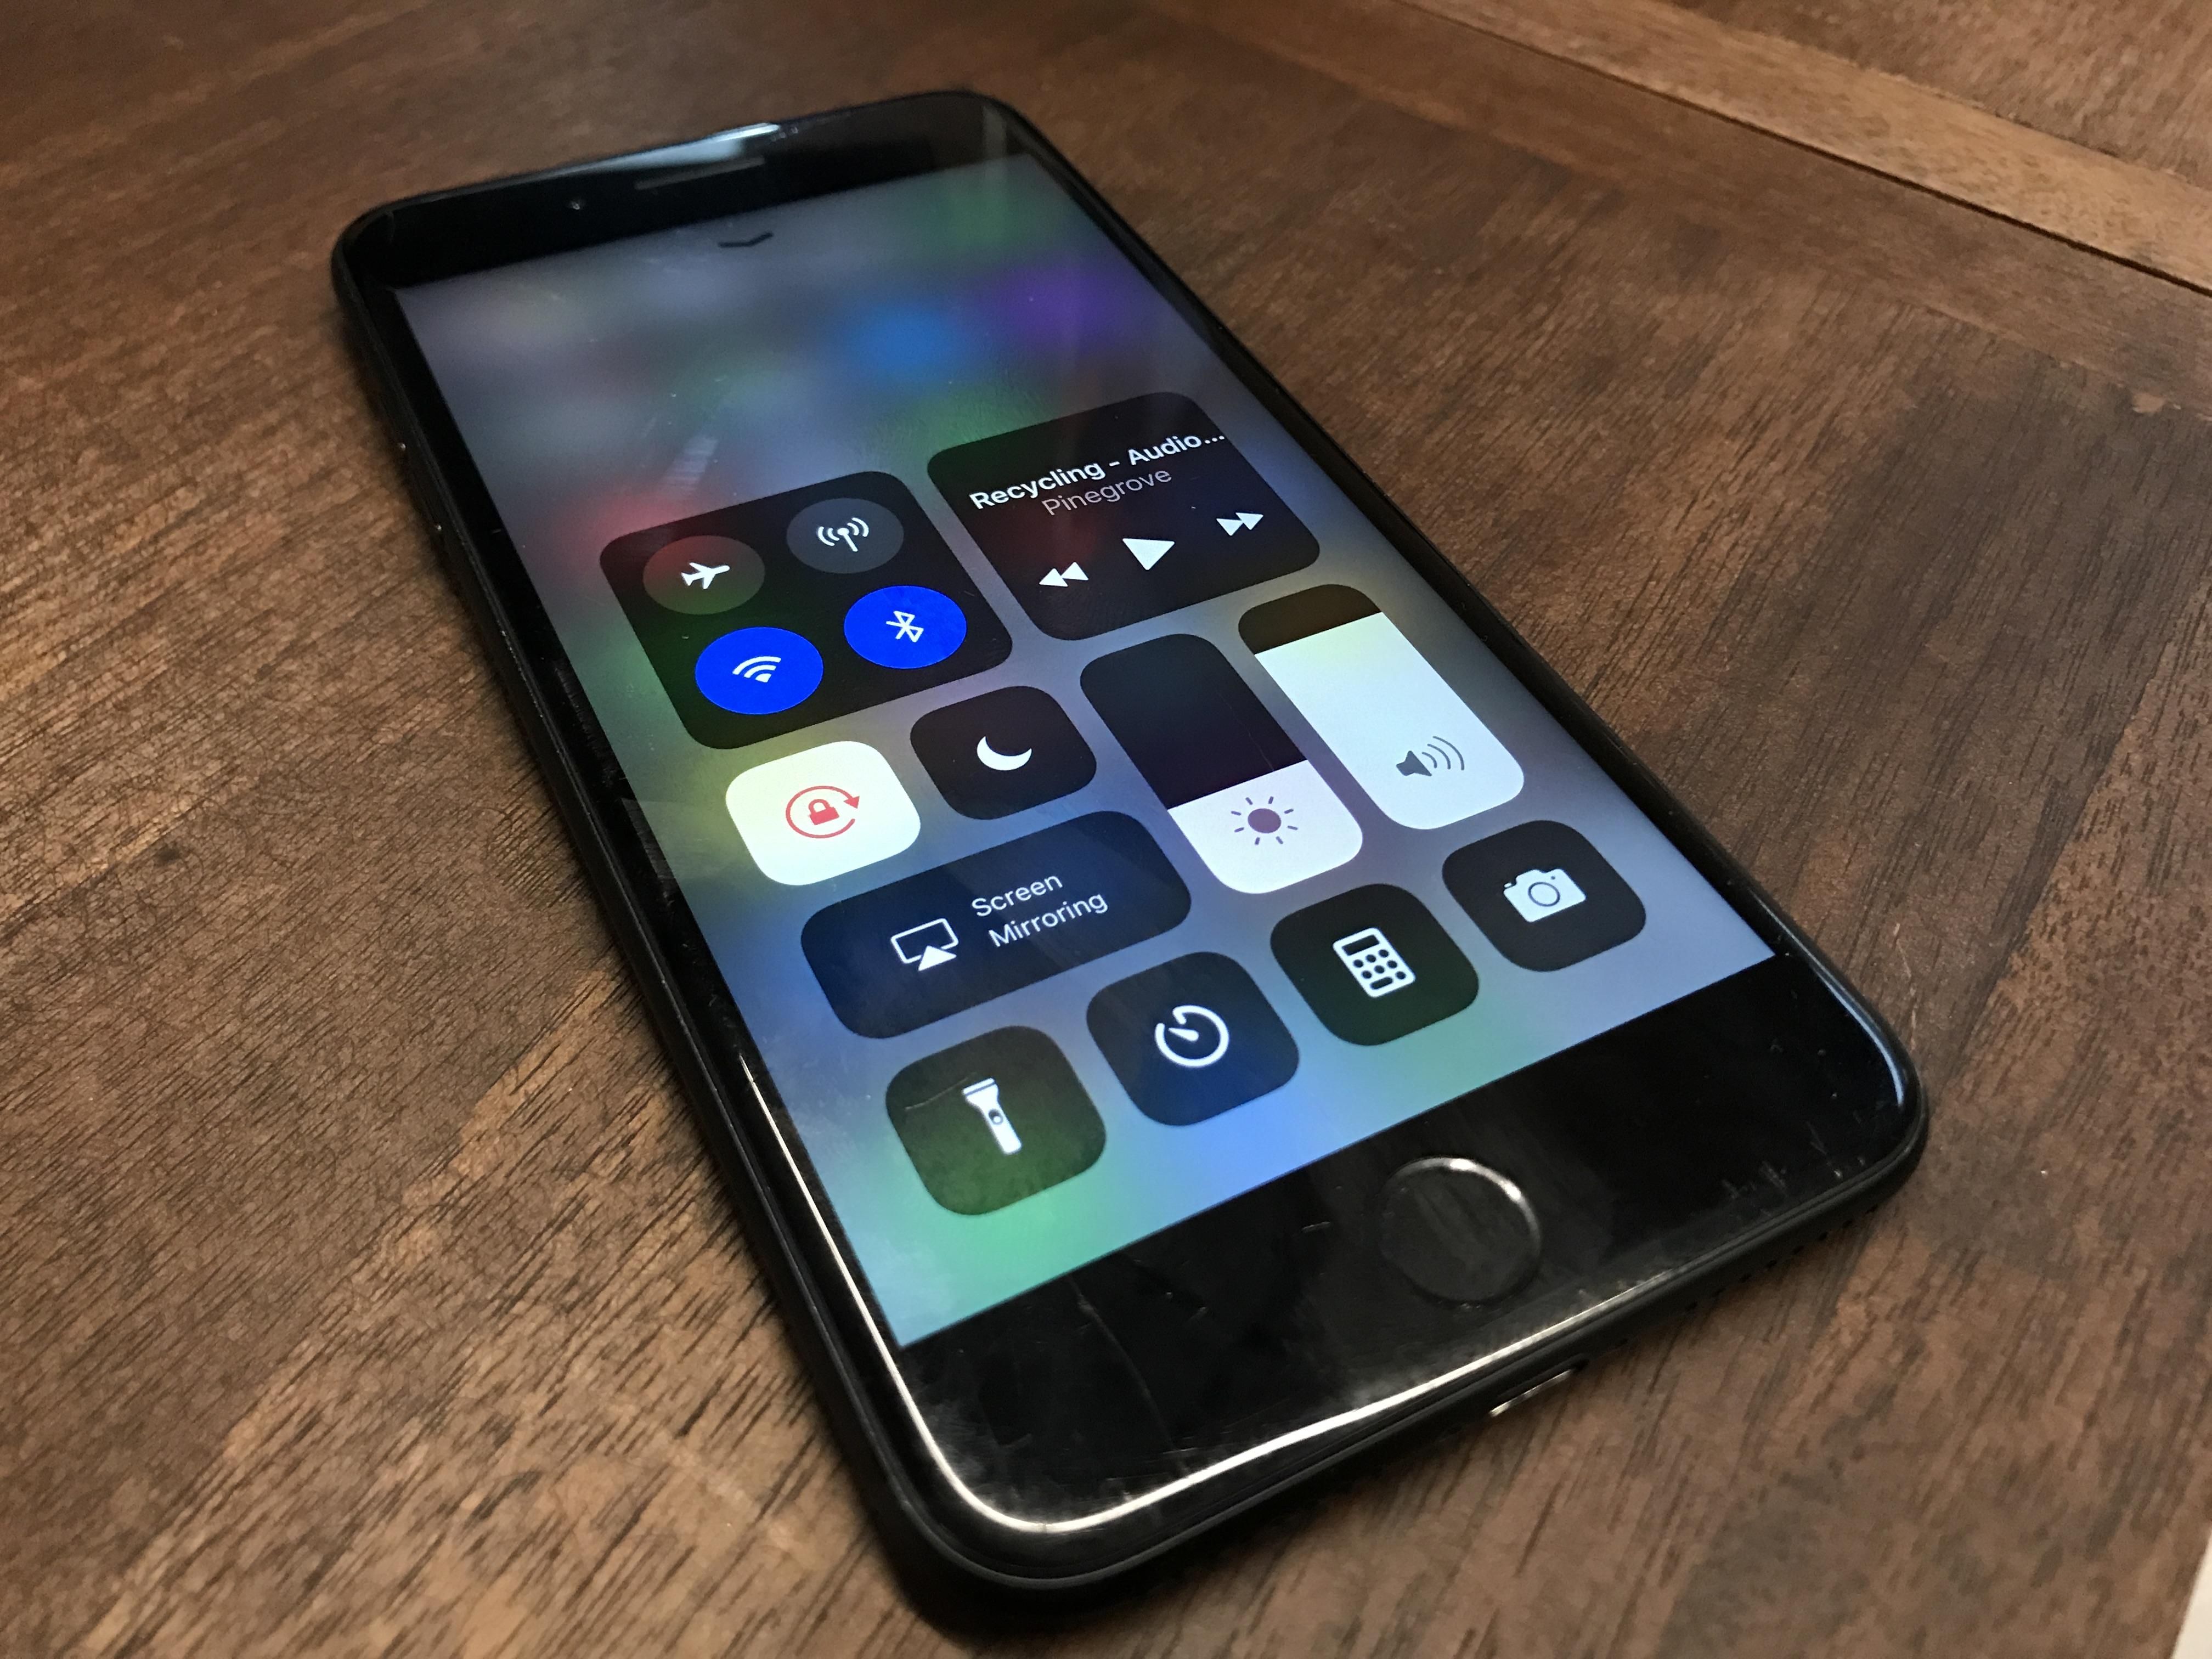 Iphone 5 uhr als hintergrund